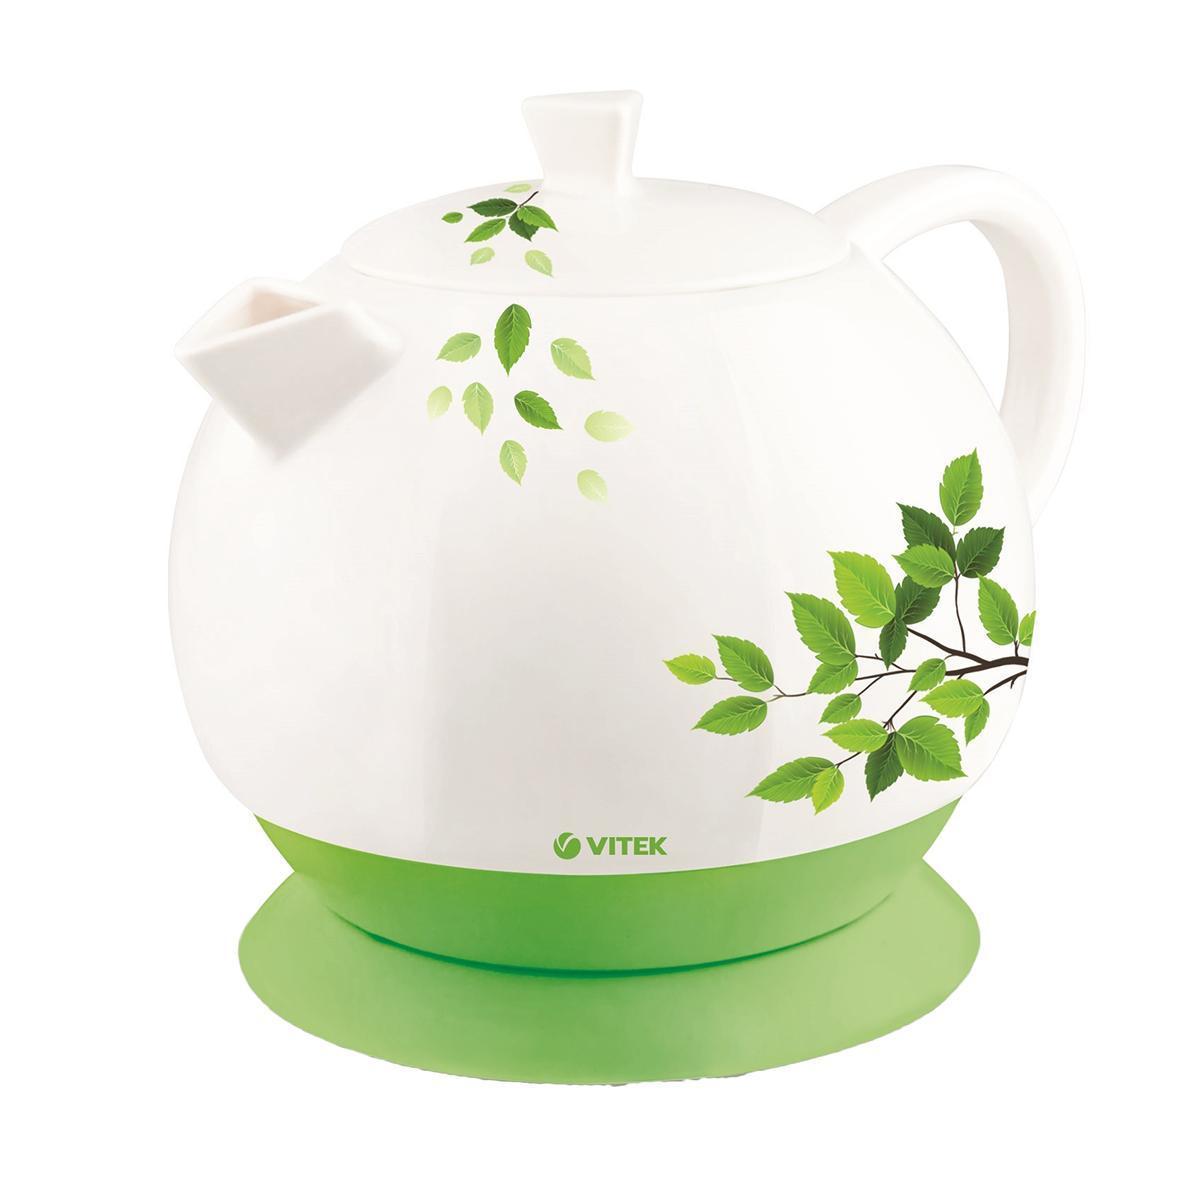 Vitek VT-1171 (W) электрочайникVT-1171 (W)Электрический чайник VT-1171 W будет круглый год напоминать о весне: оригинальный дизайн и орнамент из листьев поднимут настроение вам и вашим гостям. Корпус чайника выполнен из одного из самых экологичных материалов – керамики, которая позволит сохранить все полезные свойства воды, а напиткам приобрести особый вкус. При объеме 1,3 литра чайник обладает мощностью 2800 Вт, что позволяет быстро вскипятить воду. Этот оригинальный чайник оснащен скрытым нагревательным элементом, что обеспечит безопасность использования и легкий уход за прибором. Нагревательный элемент покрыт нержавеющей сталью, что также позволит сохранить качество воды. Использование чайника особенно комфортно благодаря индикатору уровня воды – он обеспечивает более точное и простое отмеривание жидкости. Индикатор включения позволит визуально контролировать процесс начала и окончания работы прибора. Безопасность чайнику обеспечат блокировка включения без воды и блокировка крышки.